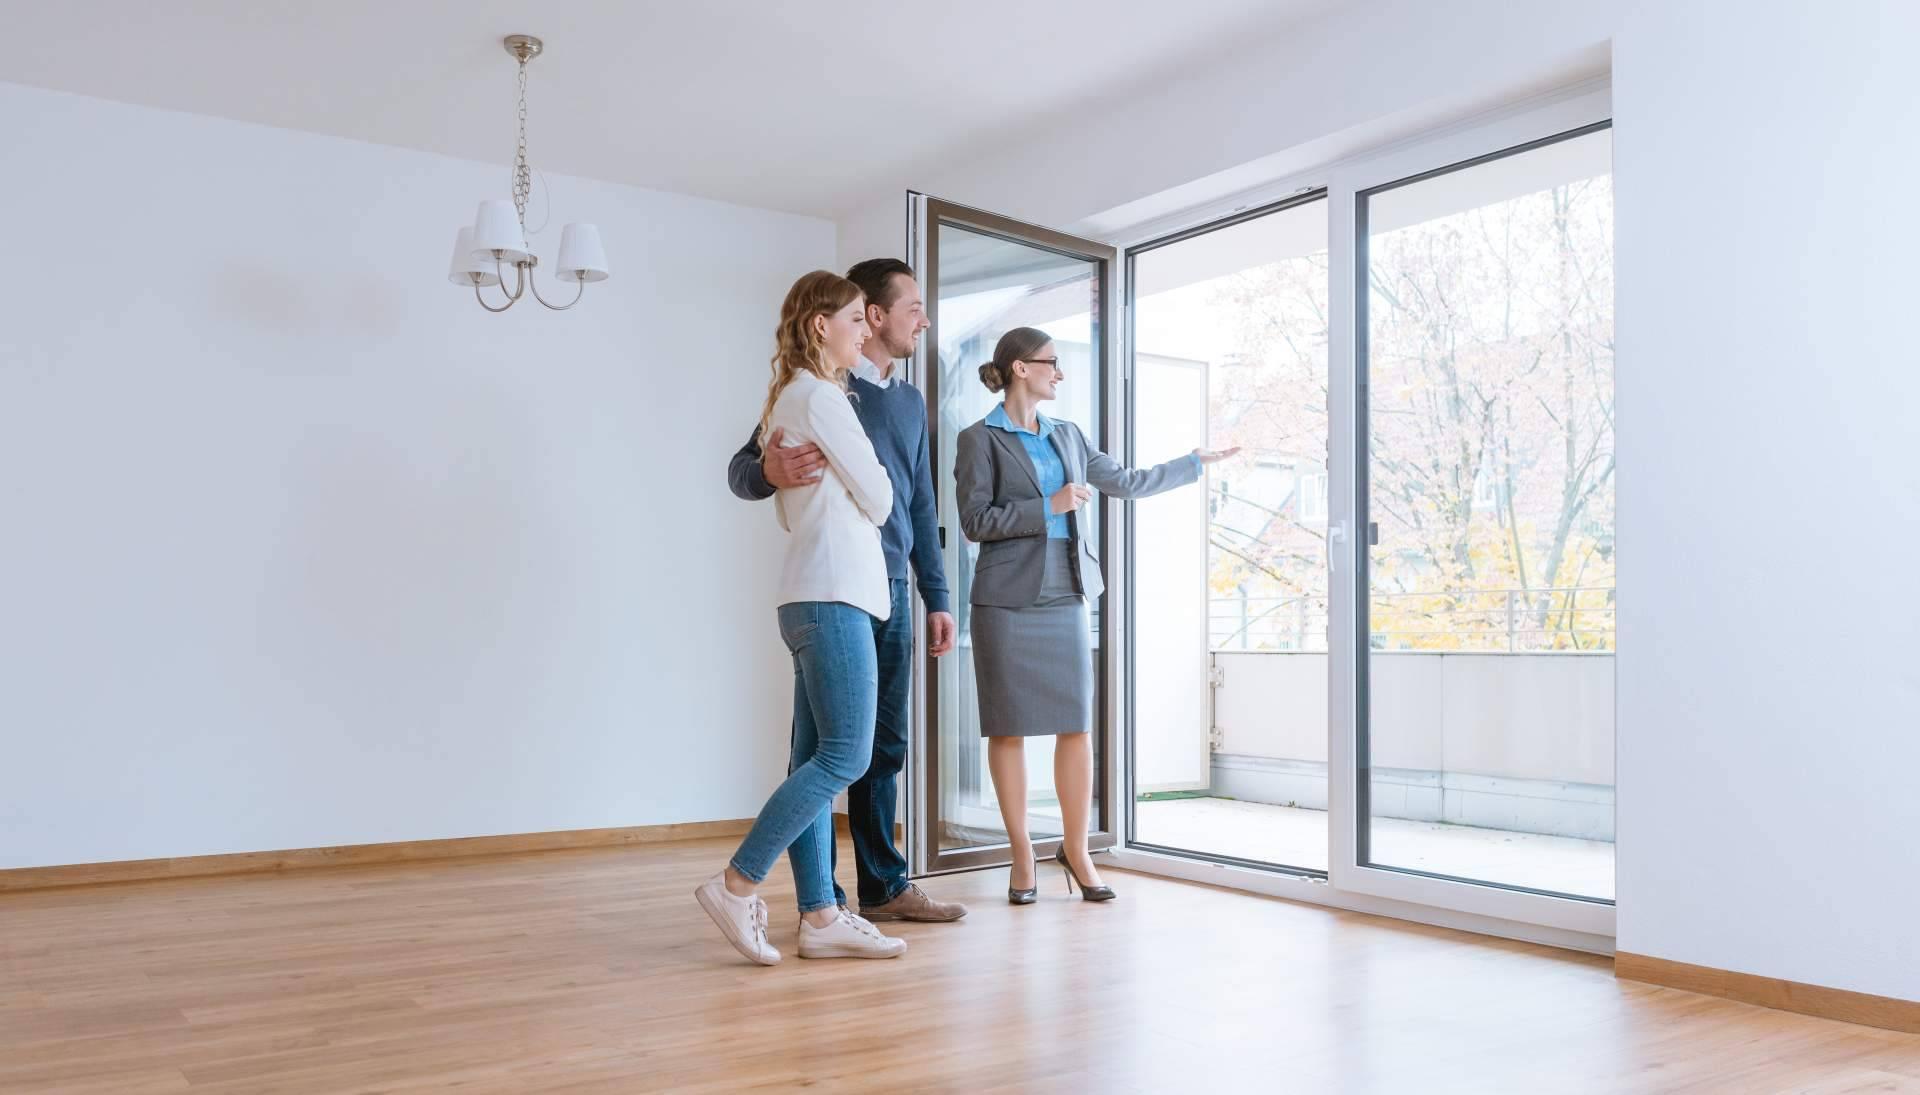 aspectos a tener en cuenta a la hora de comprar una vivienda